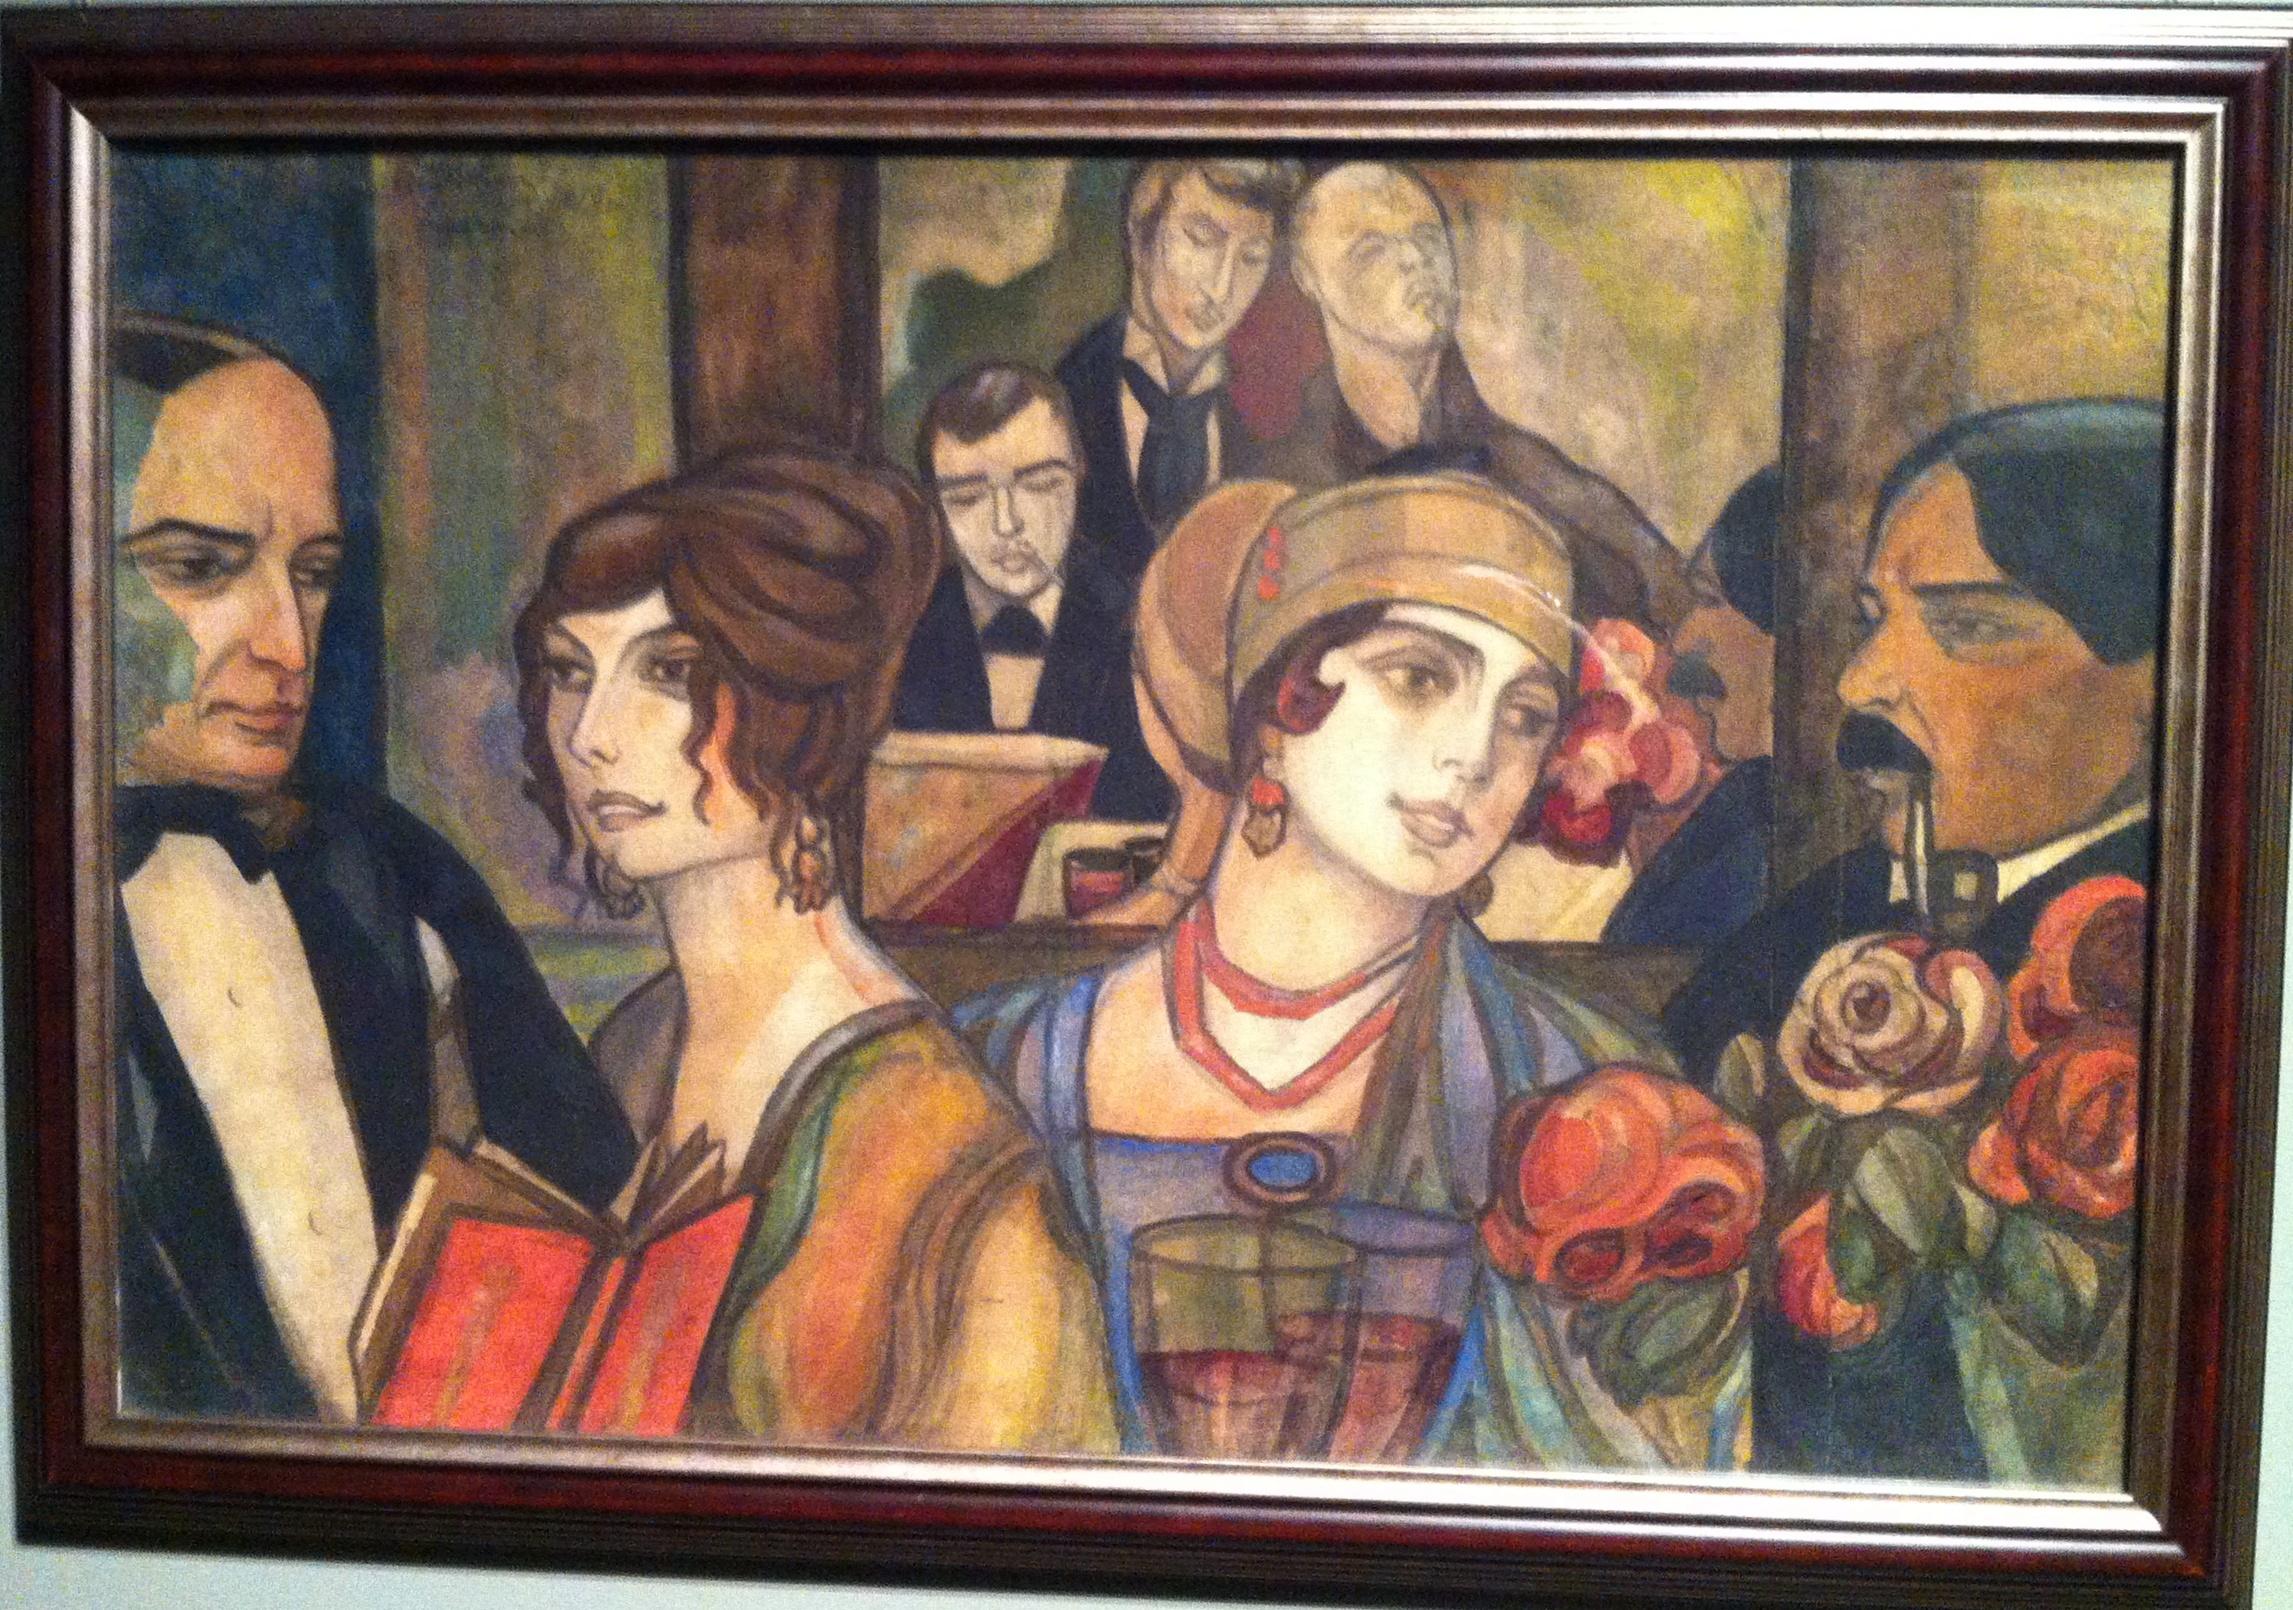 Судейкин. В тифллисском кафе. 1919г.